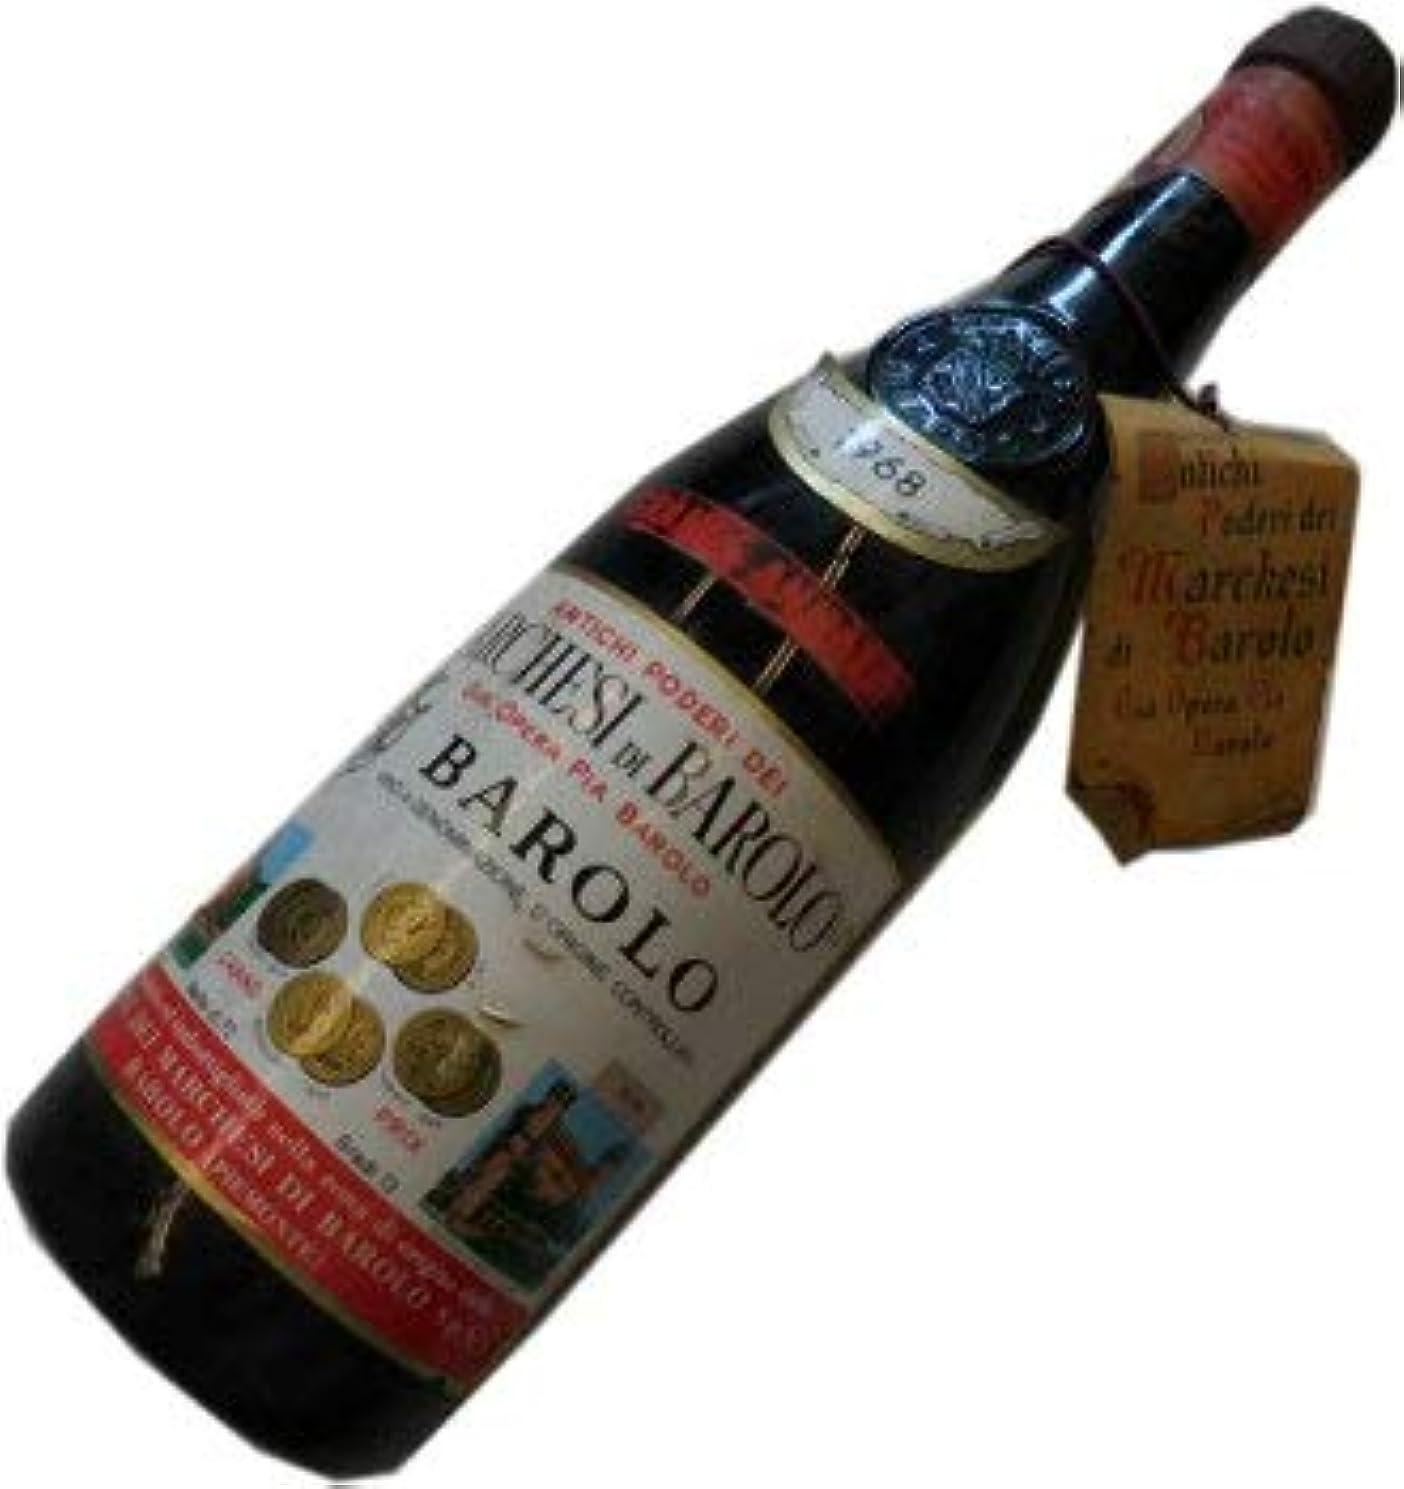 固有のトランペット半径昭和43年の誕生年ワイン 1968年 バローロ 赤 マルケージ?ディ?バローロ 箱入りギフトラッピング